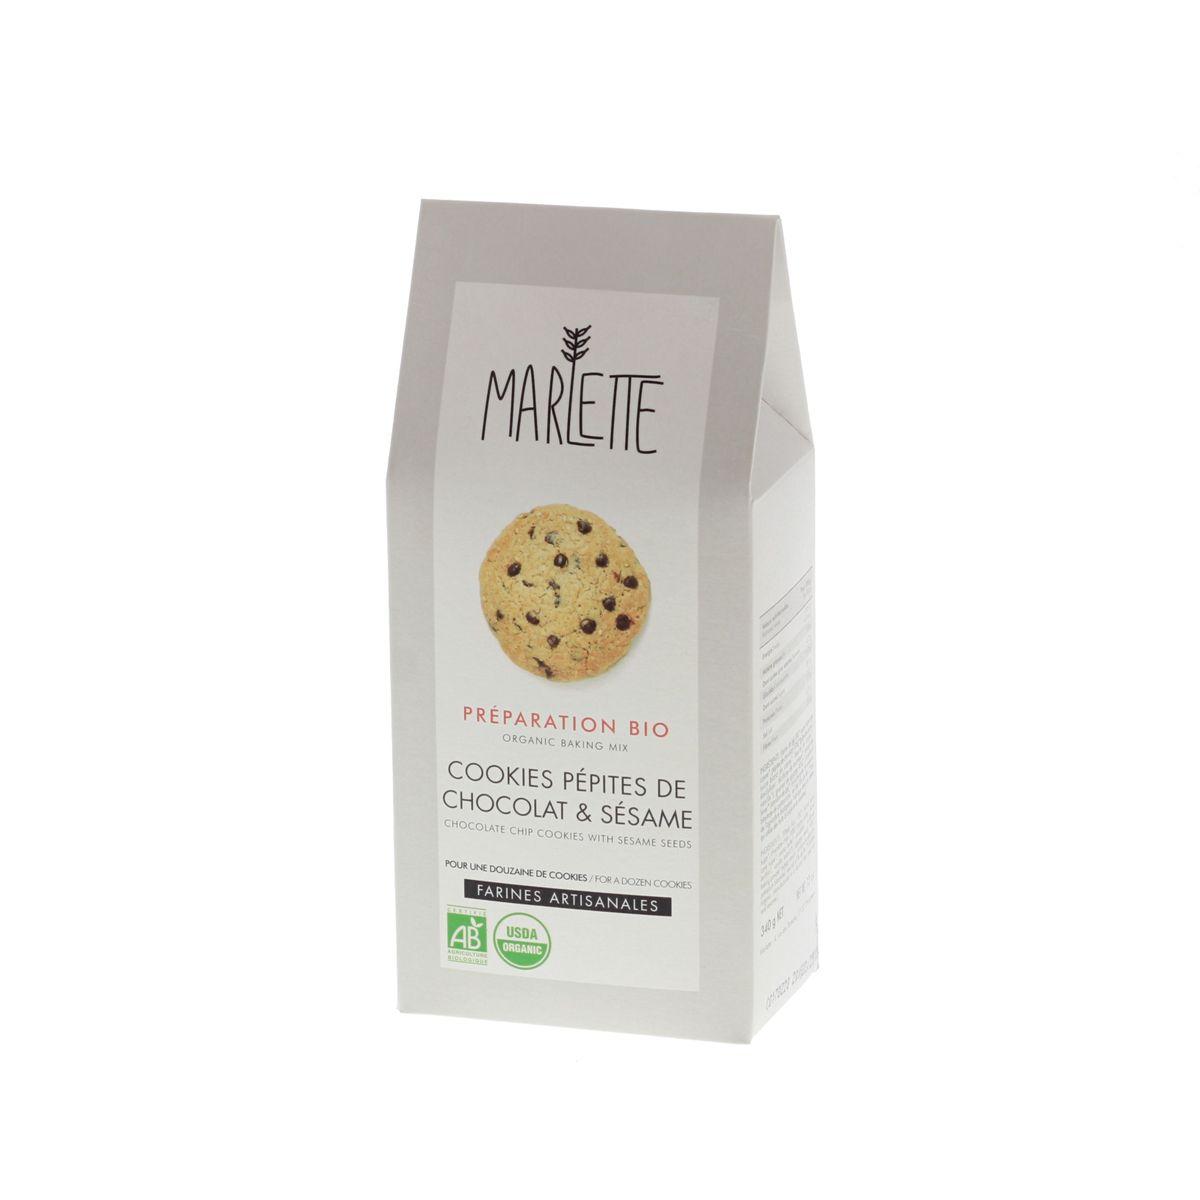 PREPARATION POUR COOKIES AU CHOCOLAT ET SESAME BIO 340GR - MARLETTE